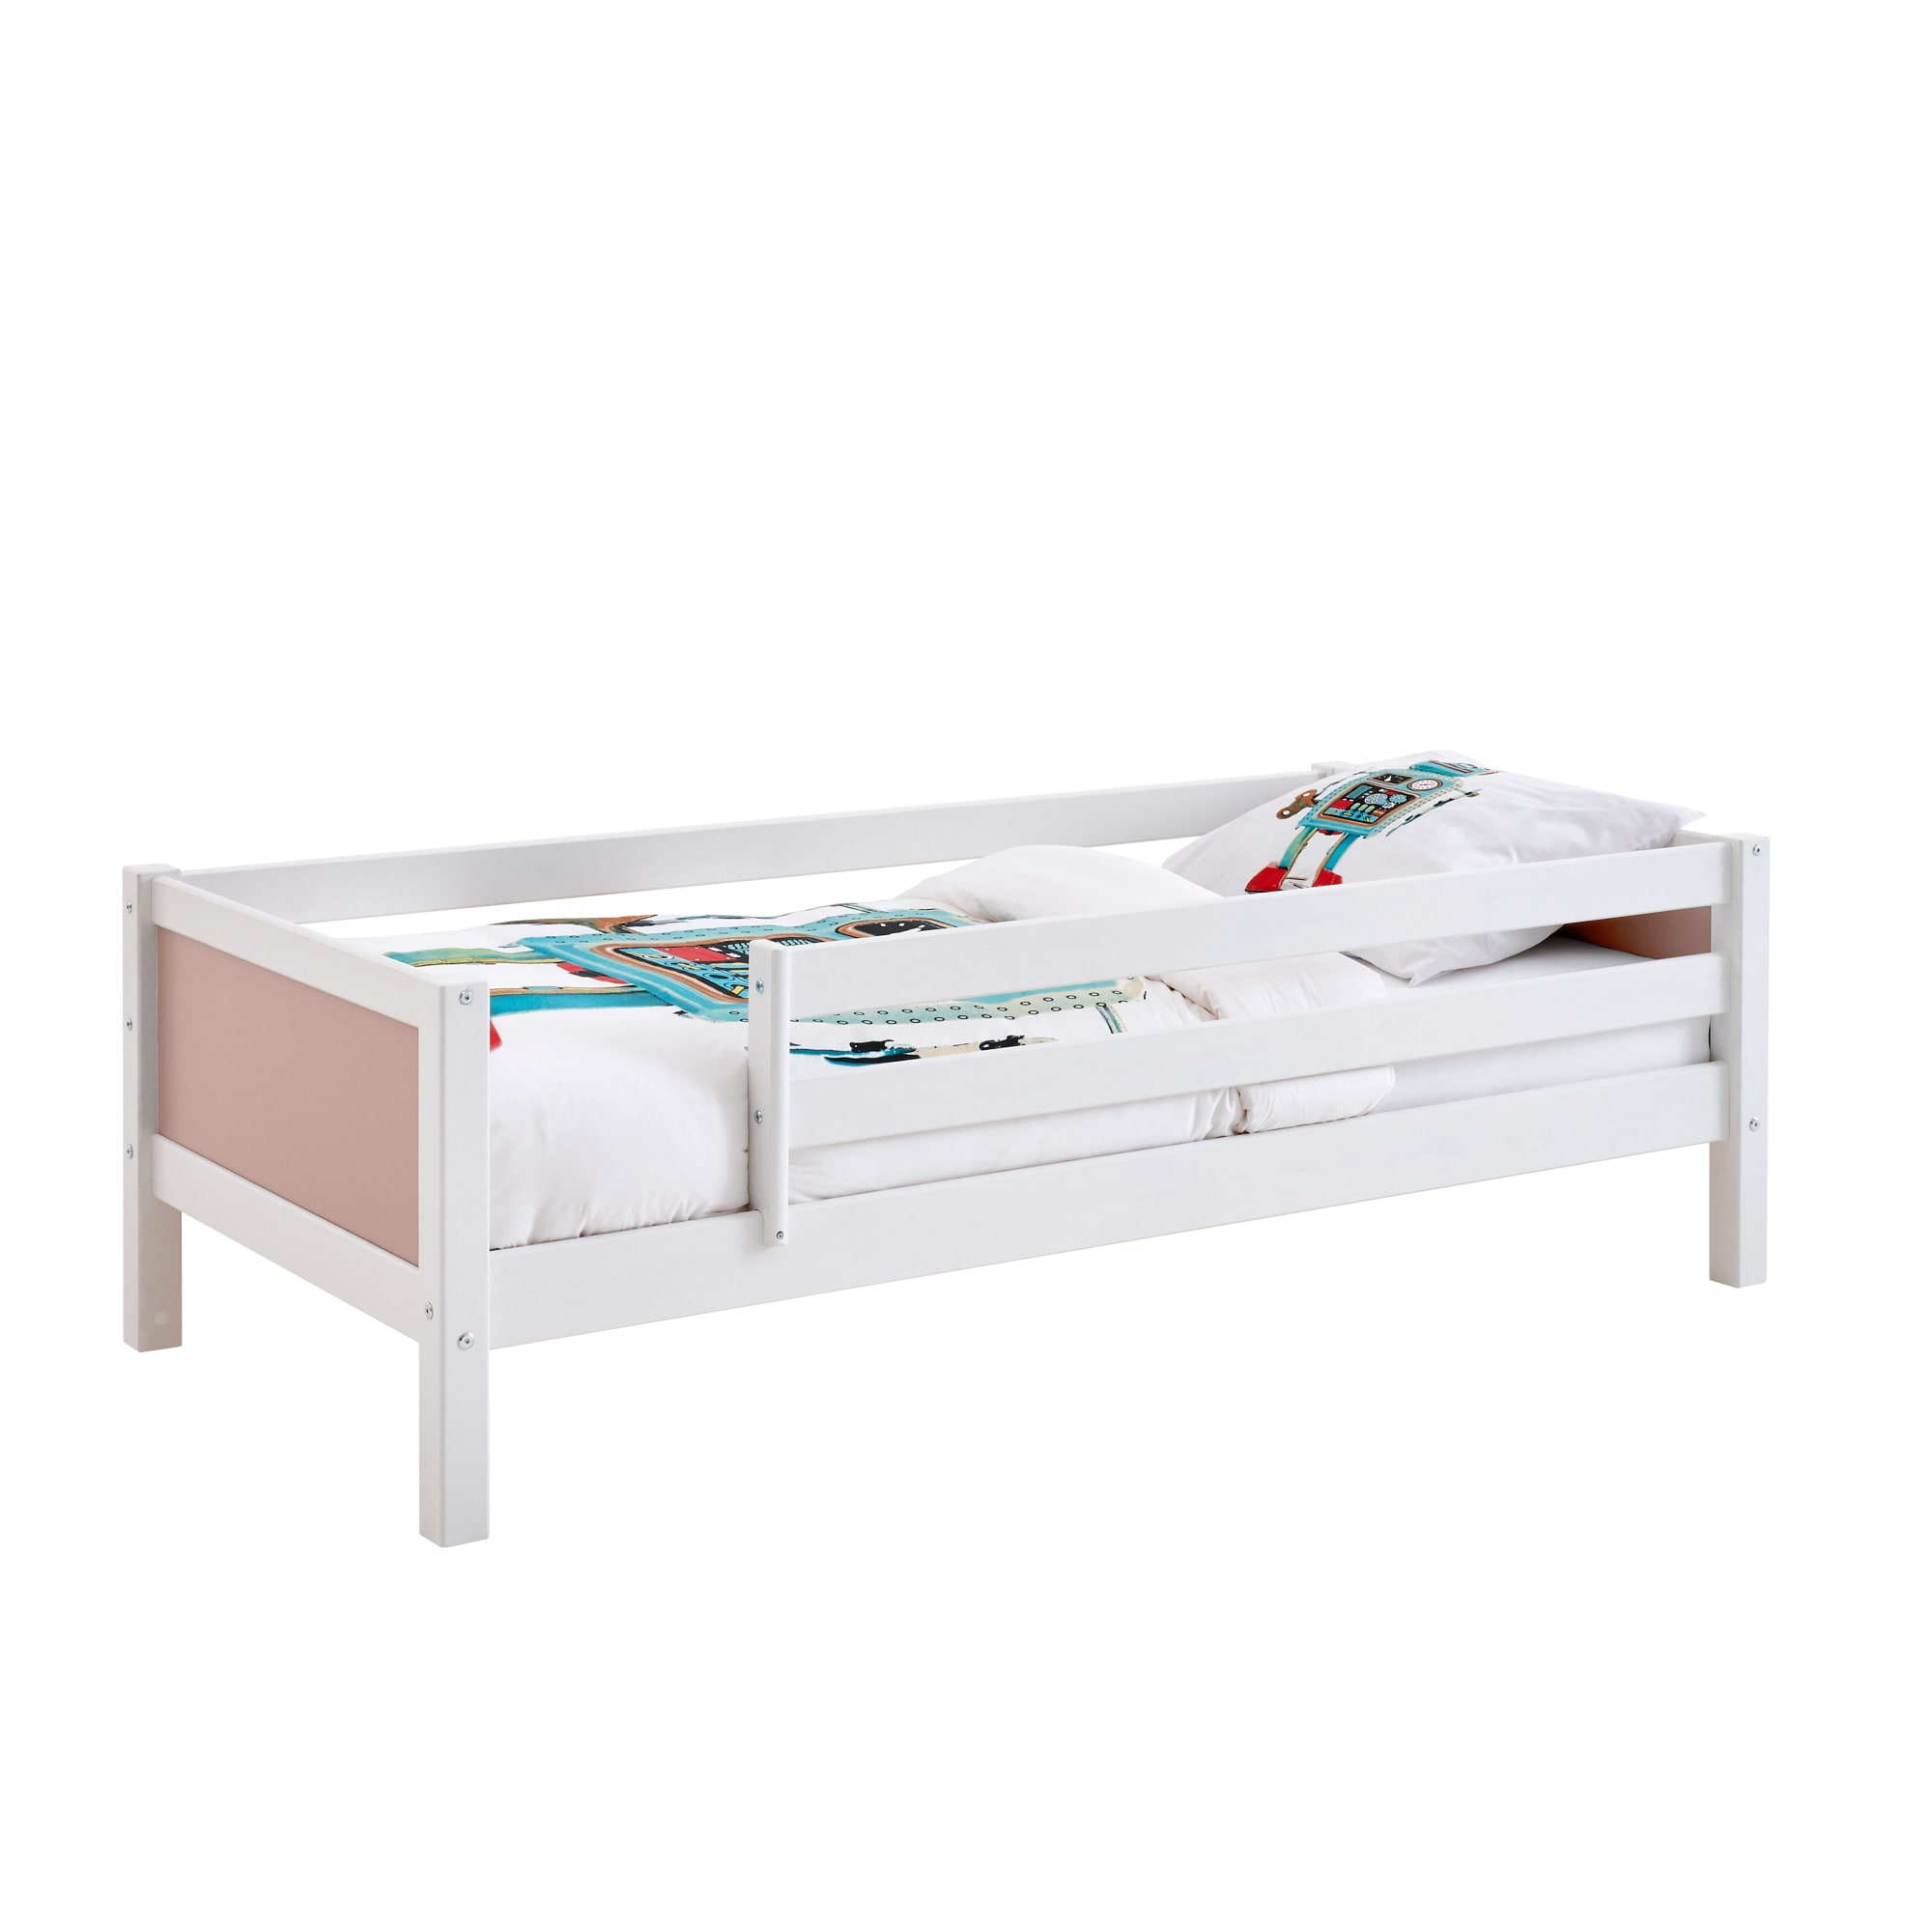 90 x 200 cm - Med sengehest på begge sider og rosafarvede gavle